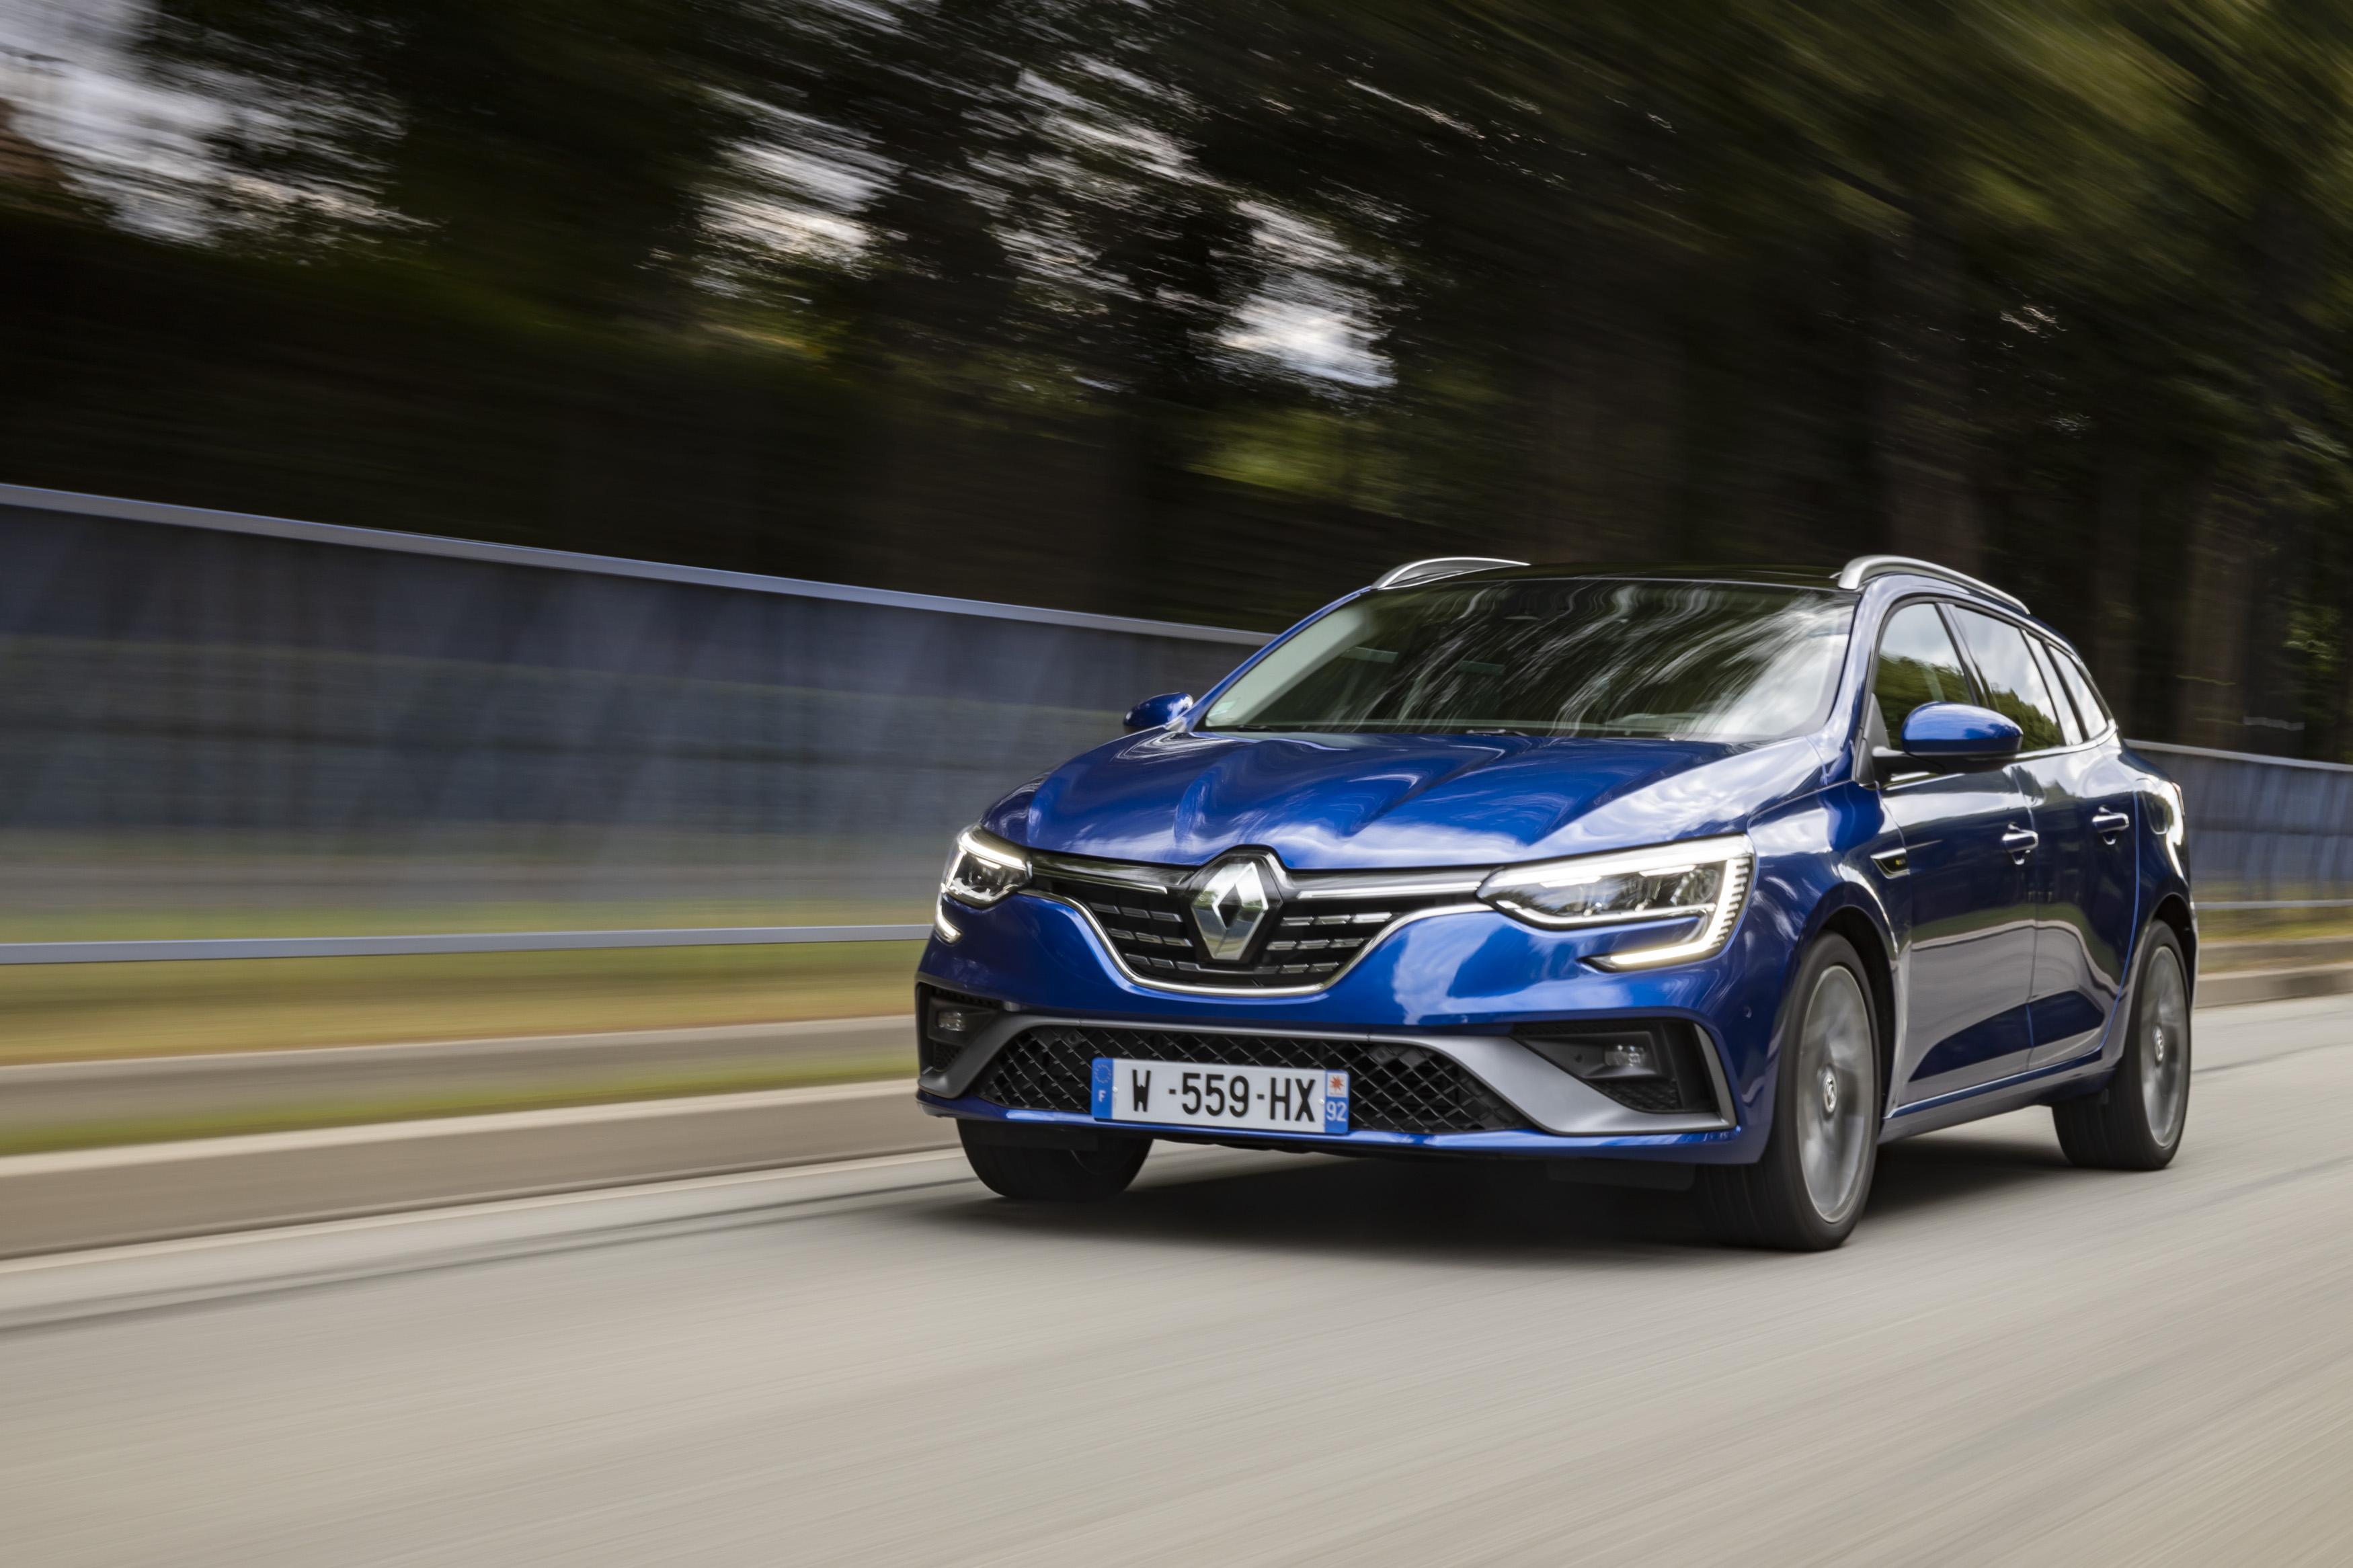 2020 - Essais Presse Nouvelle Renault MEGANE E-TECH plug-in